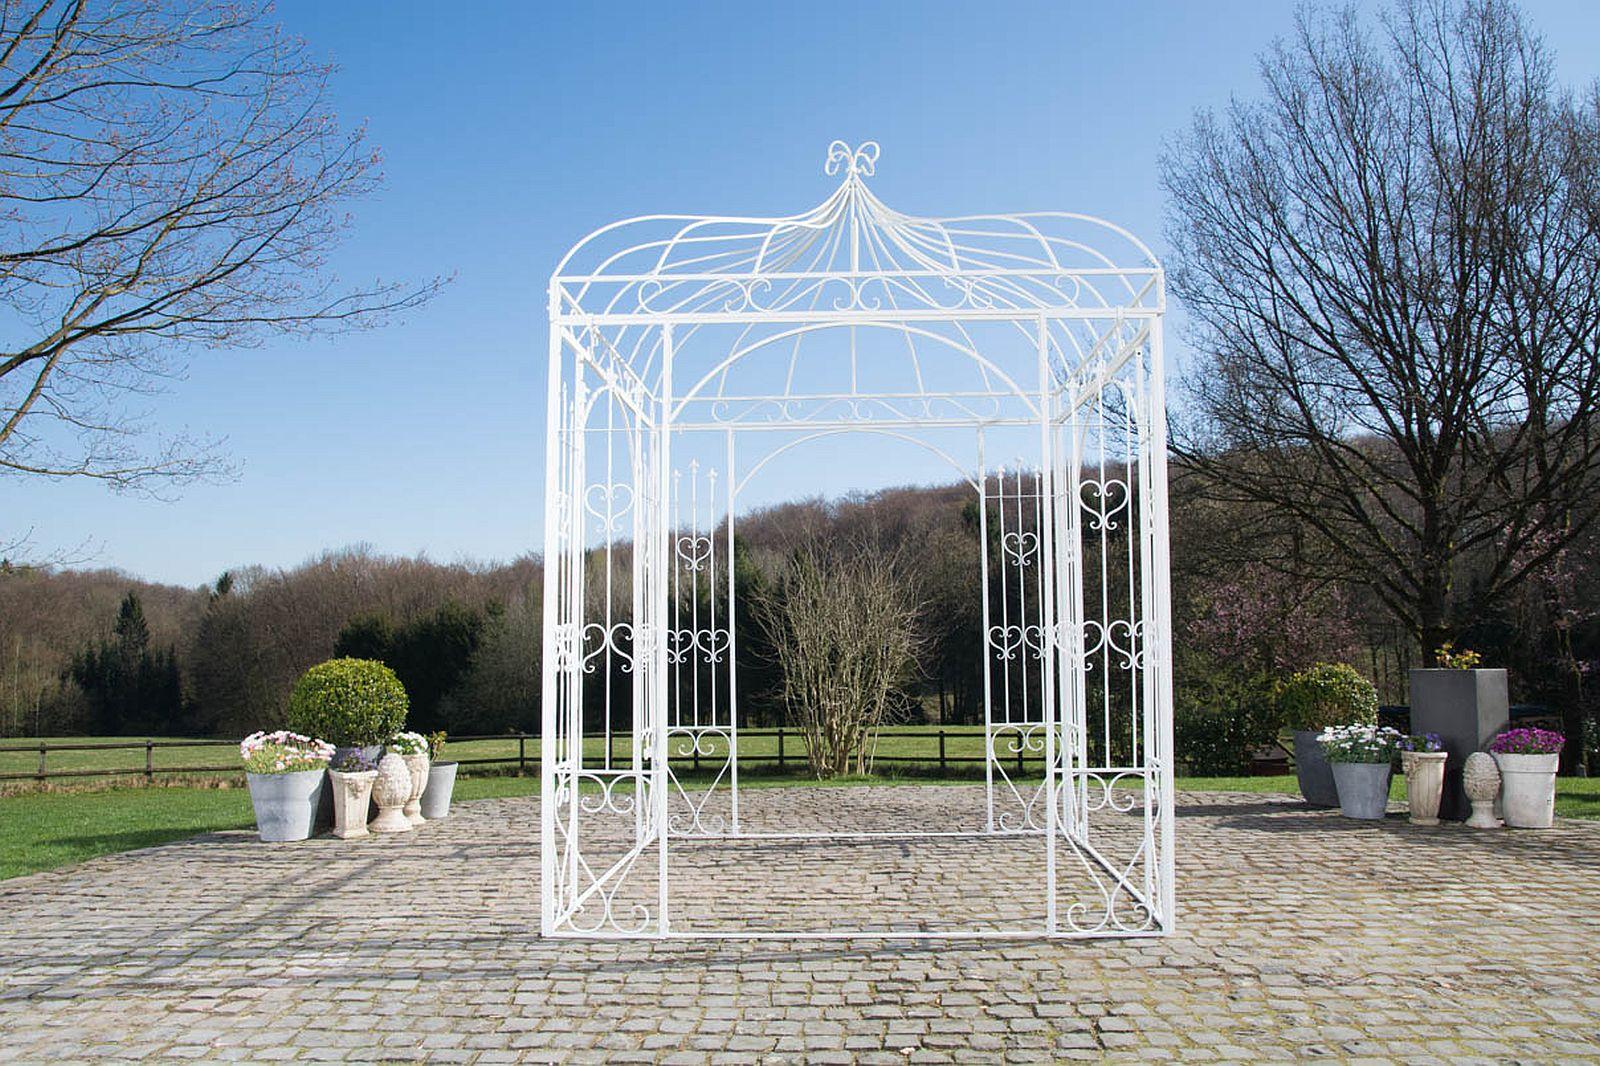 Full Size of Pavillon Eisen Traumhaft Schner Im Antiklook Eh Mbel Garten Wohnzimmer Pavillon Eisen